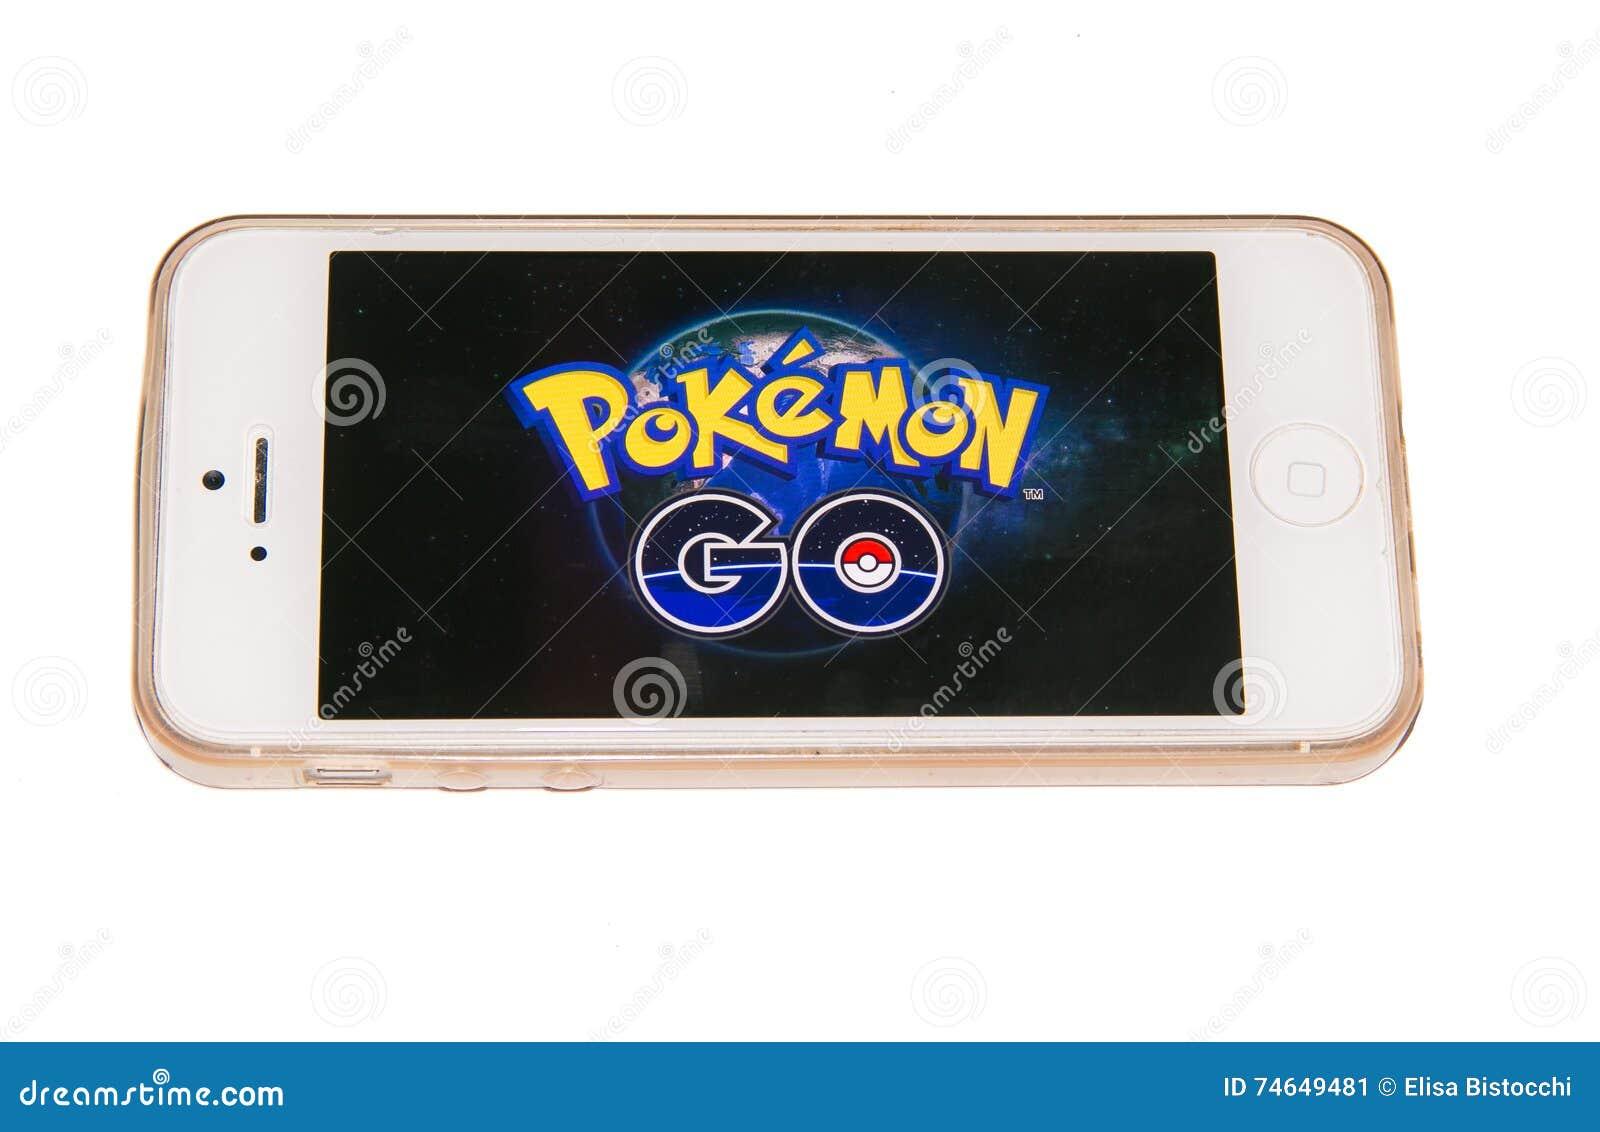 Pokemon: ruby version symbian game. Pokemon: ruby version sis.